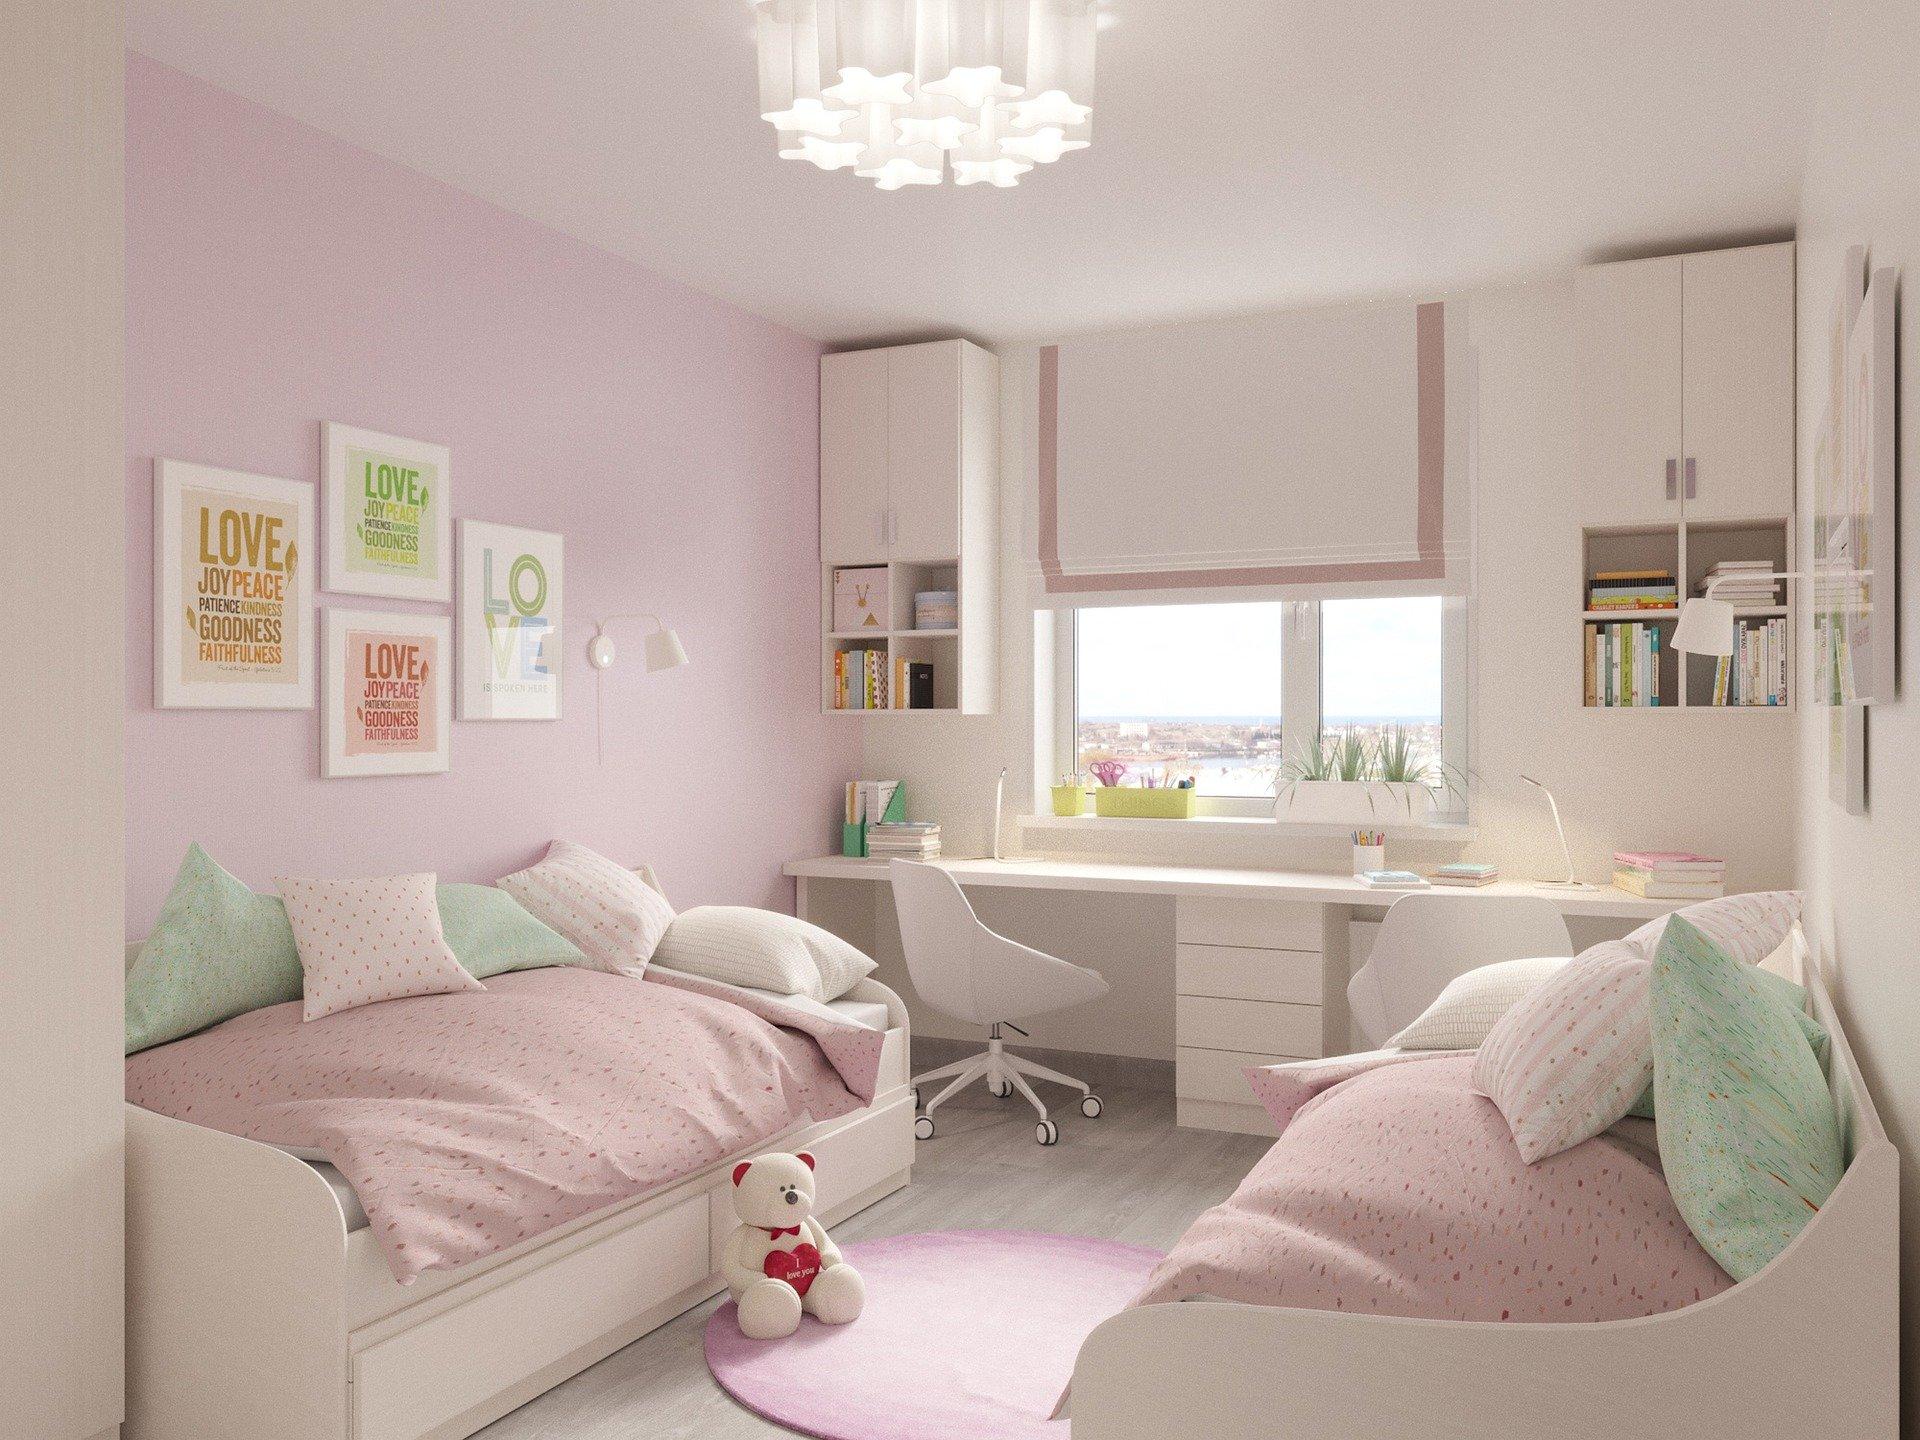 Nos astuces pour aménager et décorer une chambre d'enfant